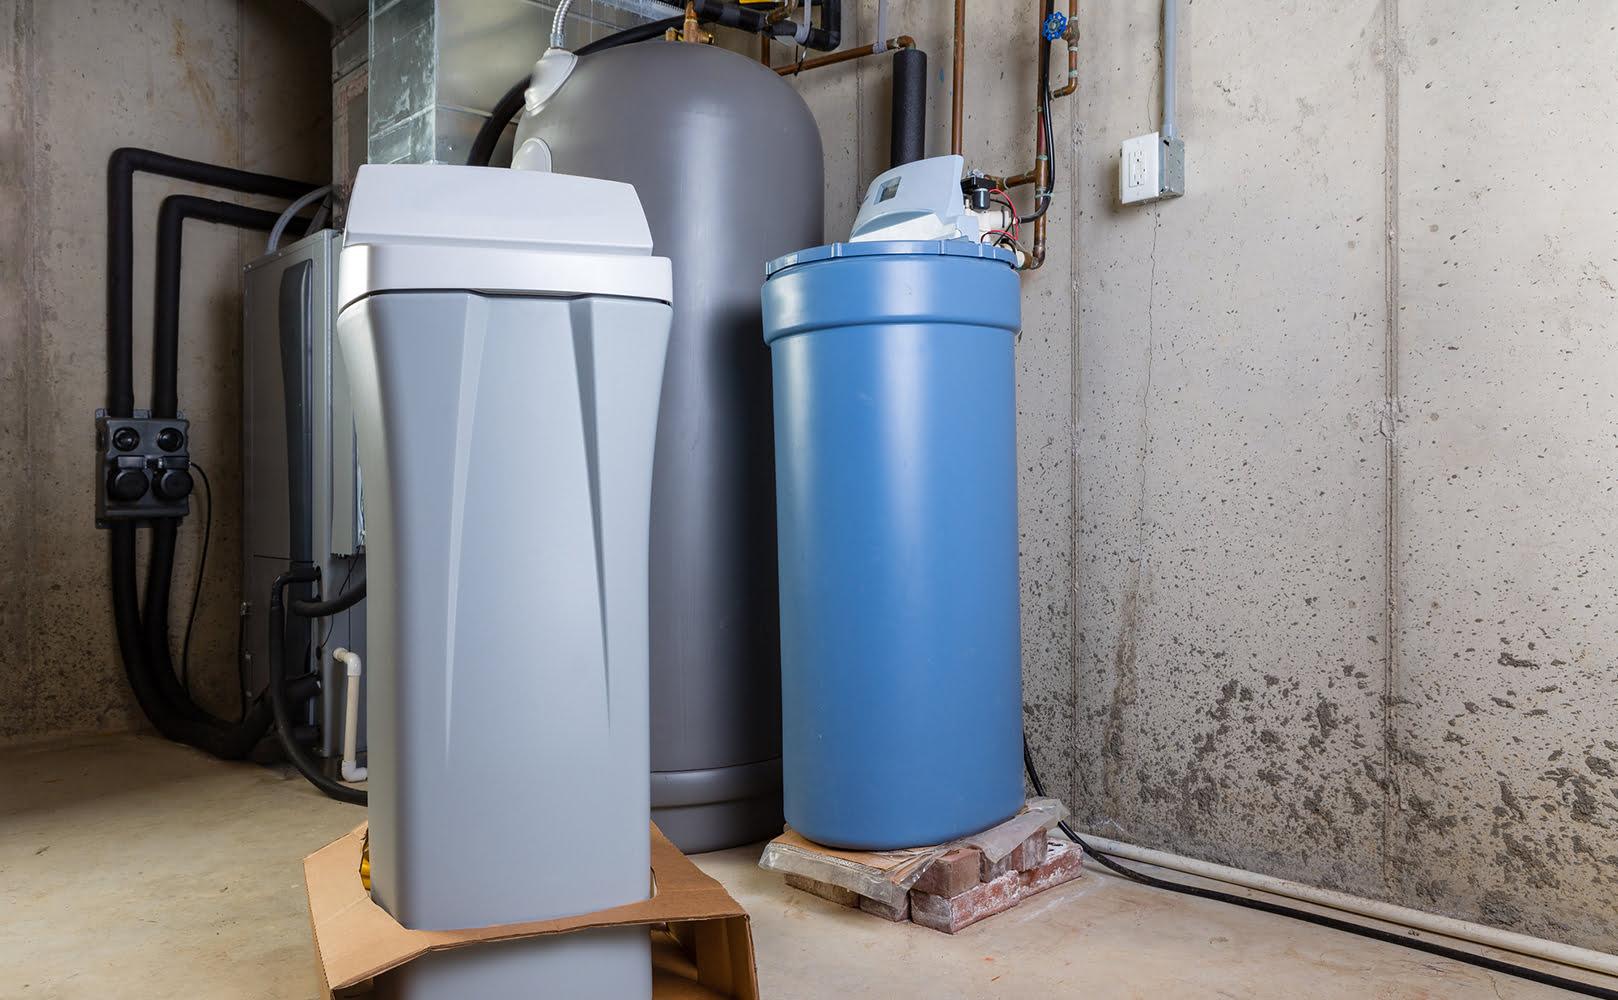 salt-based water softener